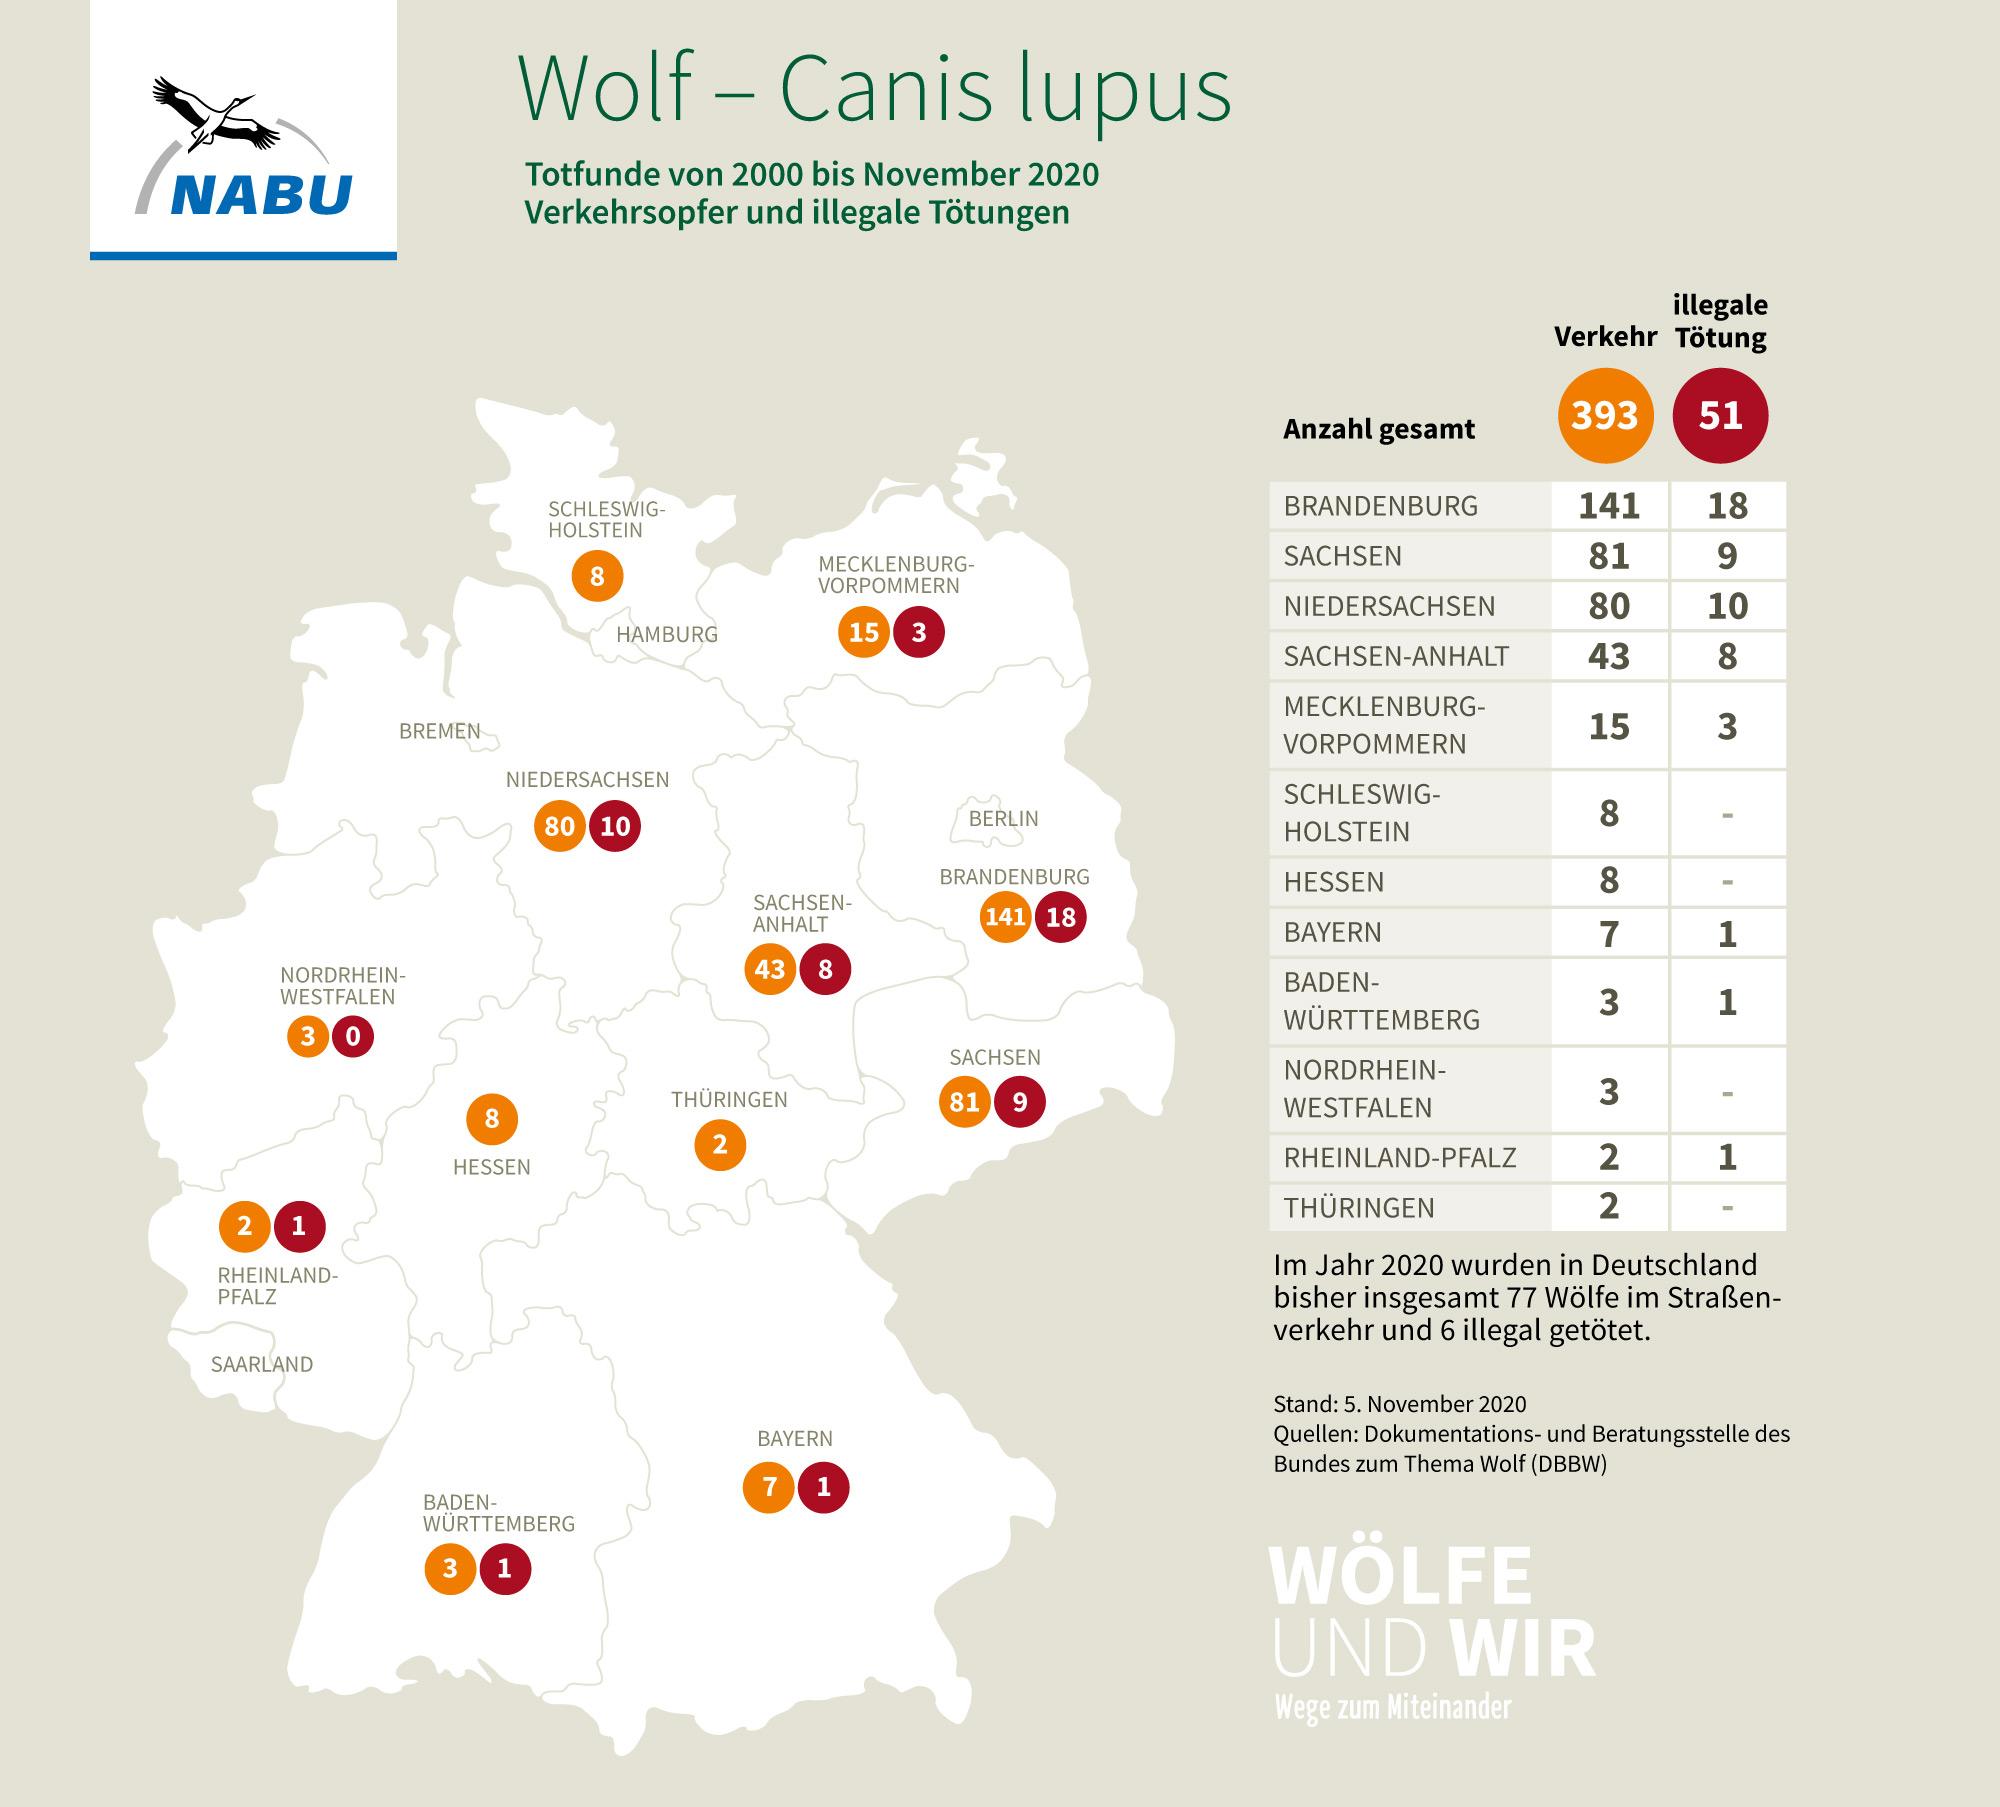 Totfunde von Wölfen in Deutschlandvon 2000 bis 2020